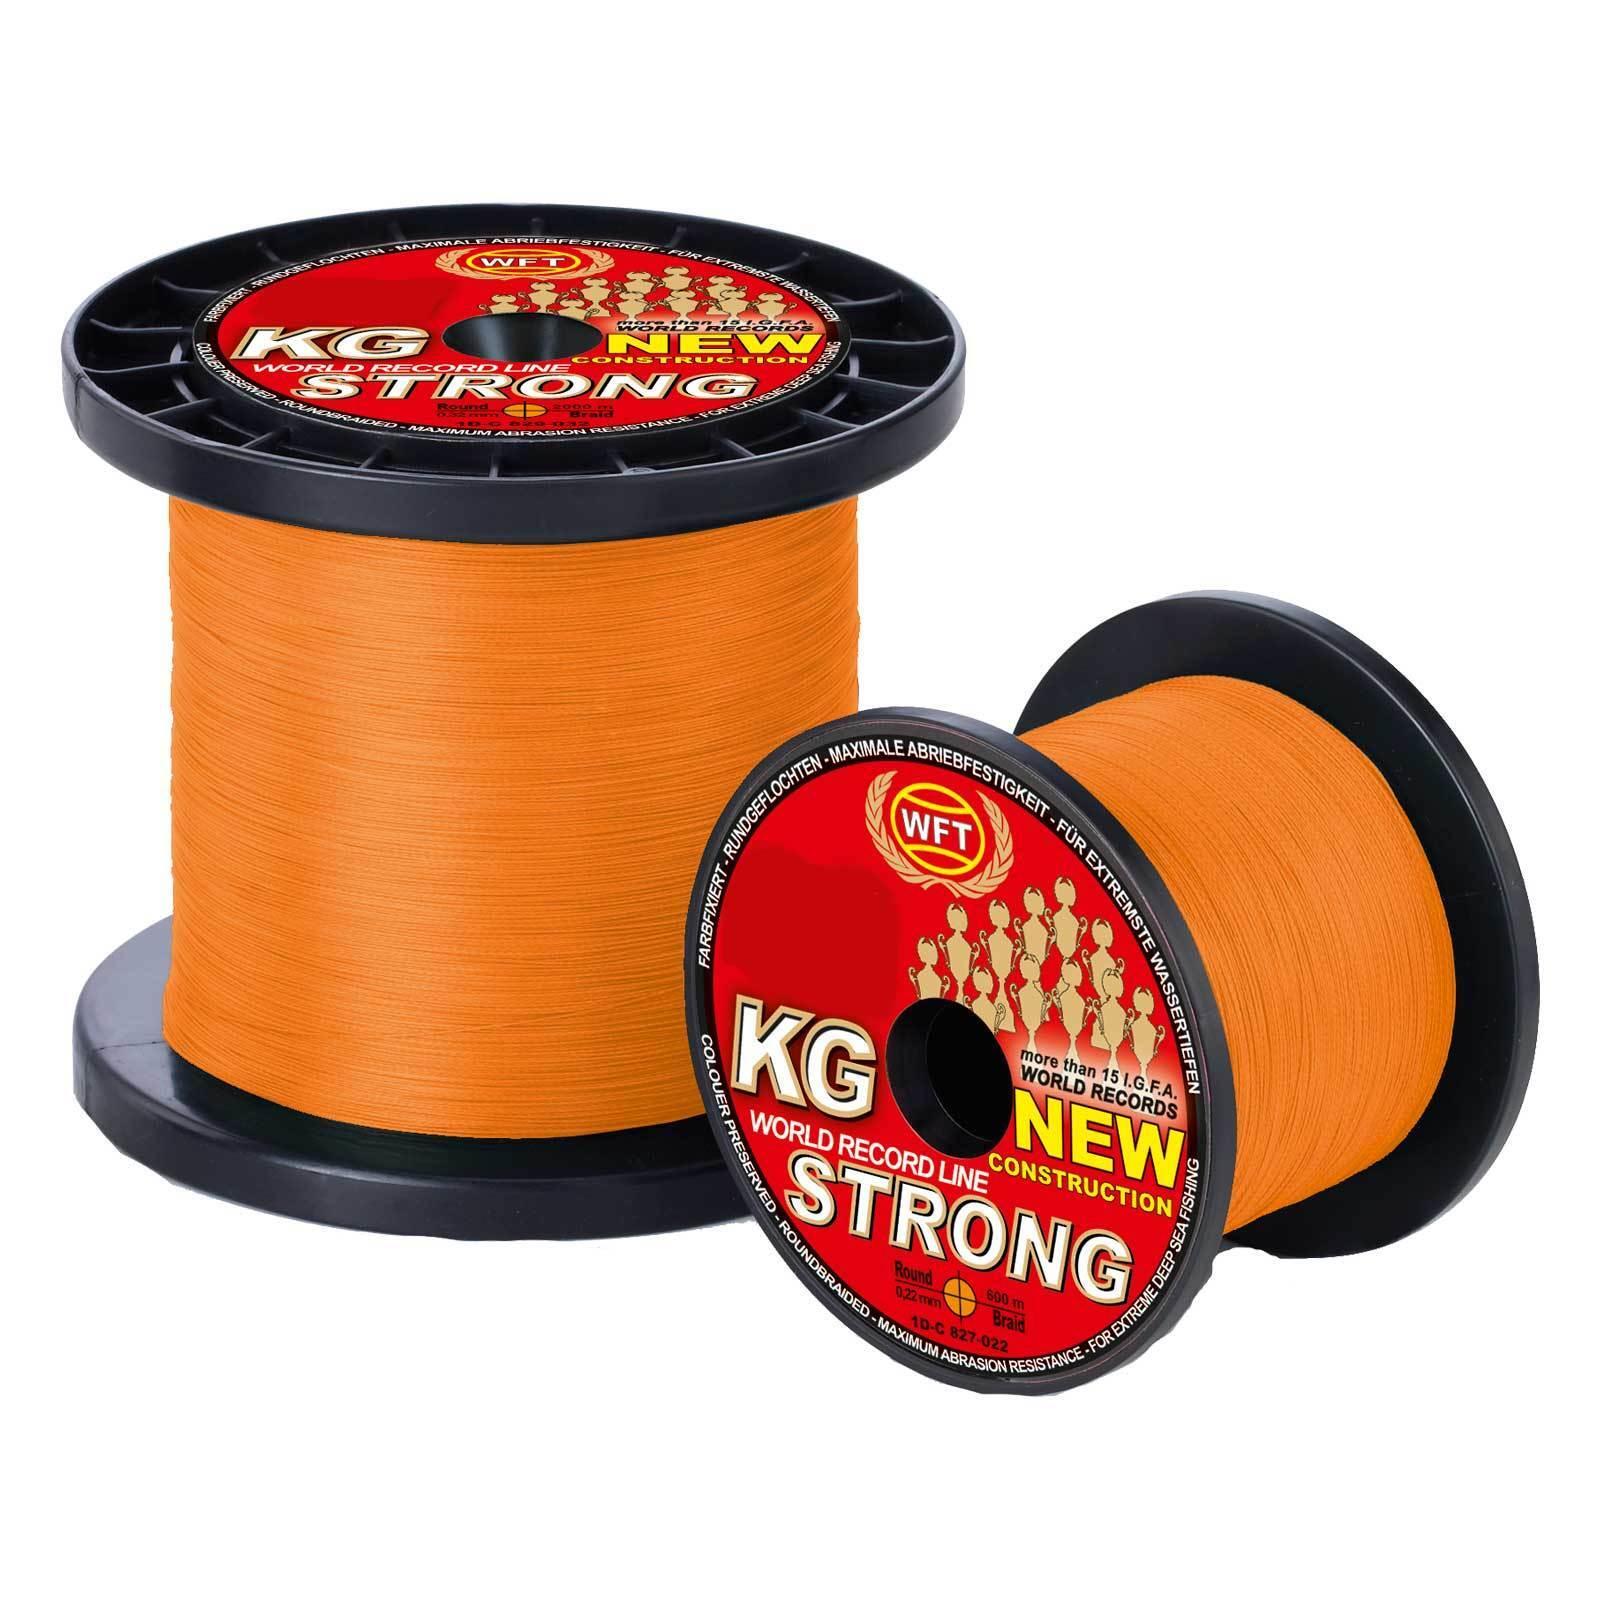 (0,17EUR m) WFT Geflochtene Angelschnur KG Strong Exact 39Kg 0,25 360m orange